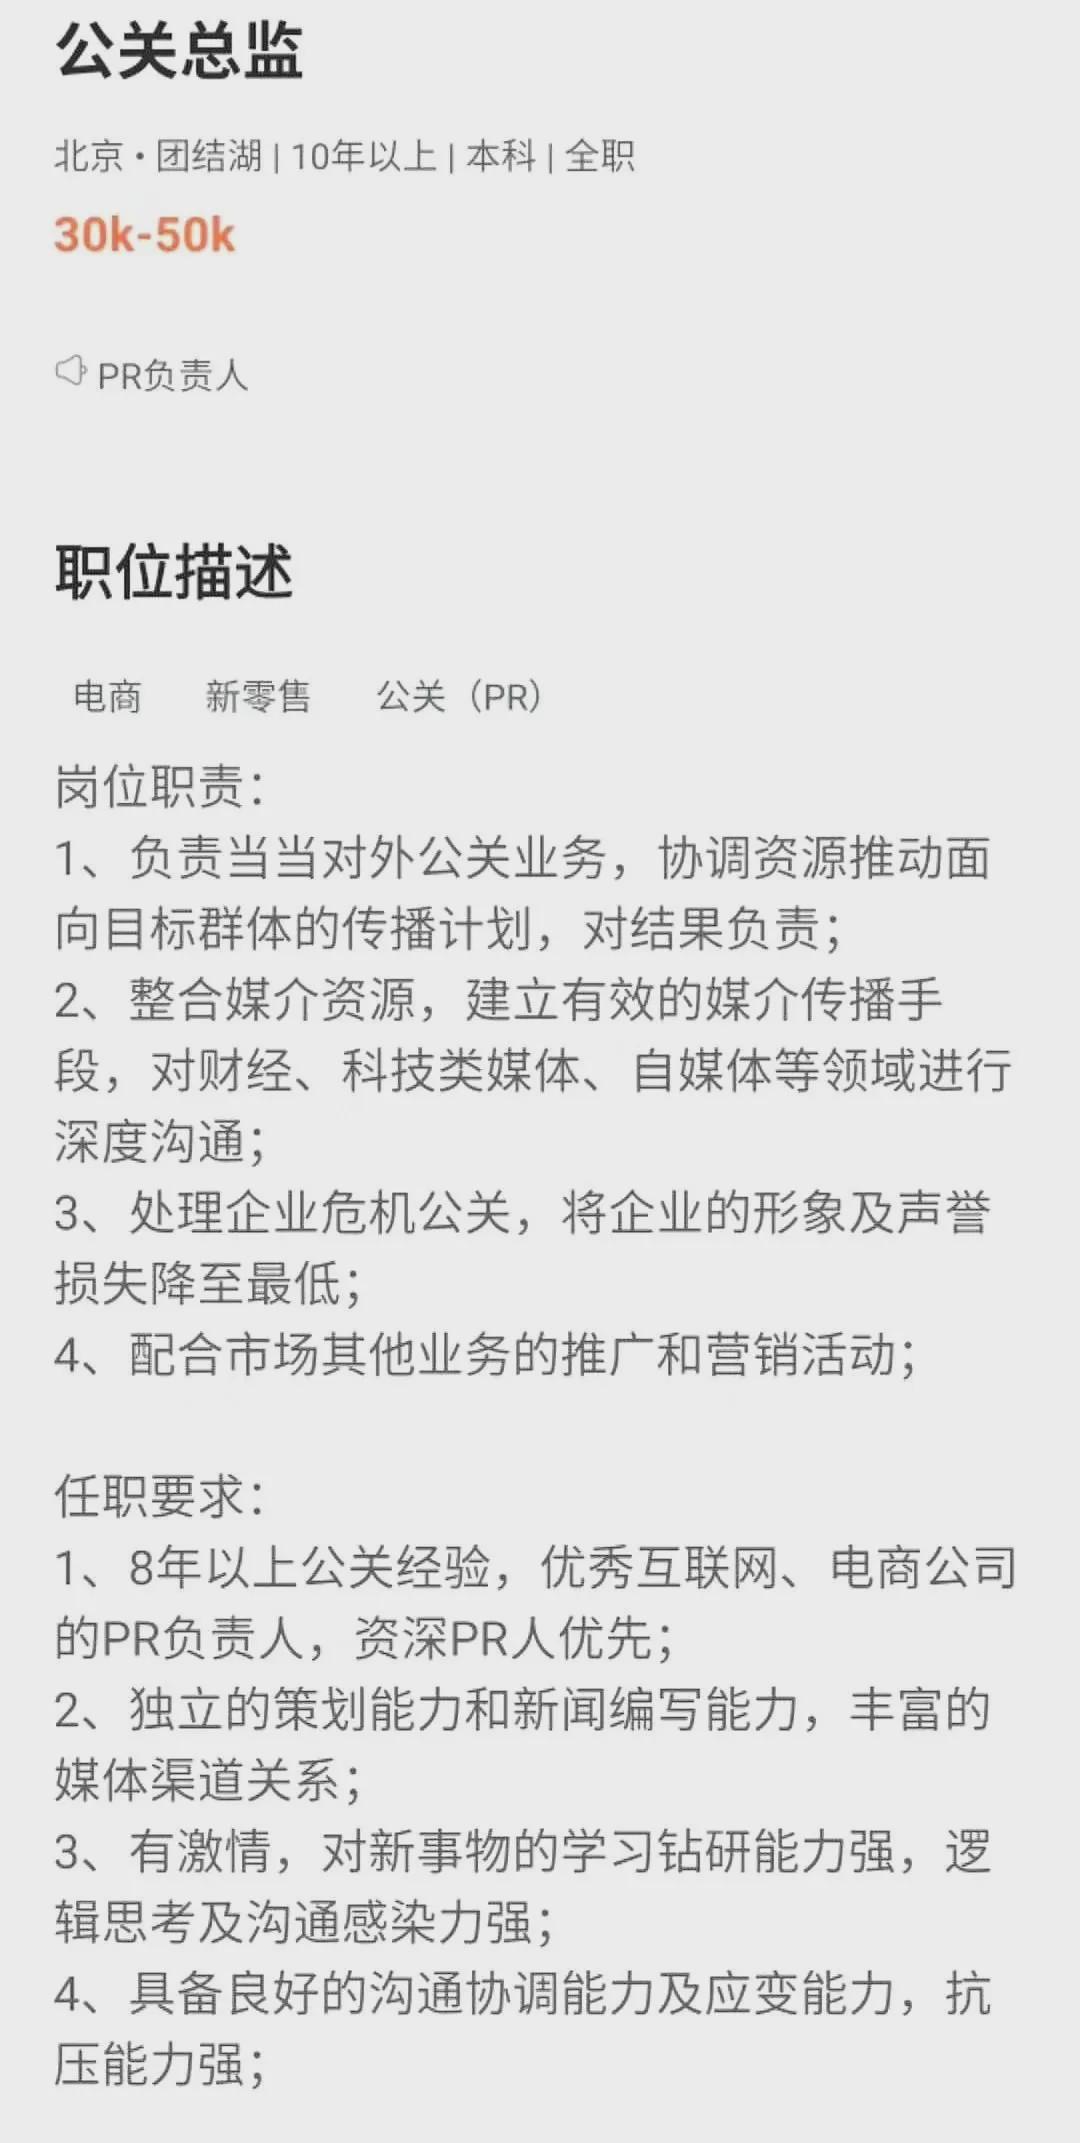 原创 李国庆抢公章夺权,这样就能接管当当?他一定是宫斗剧看多了!